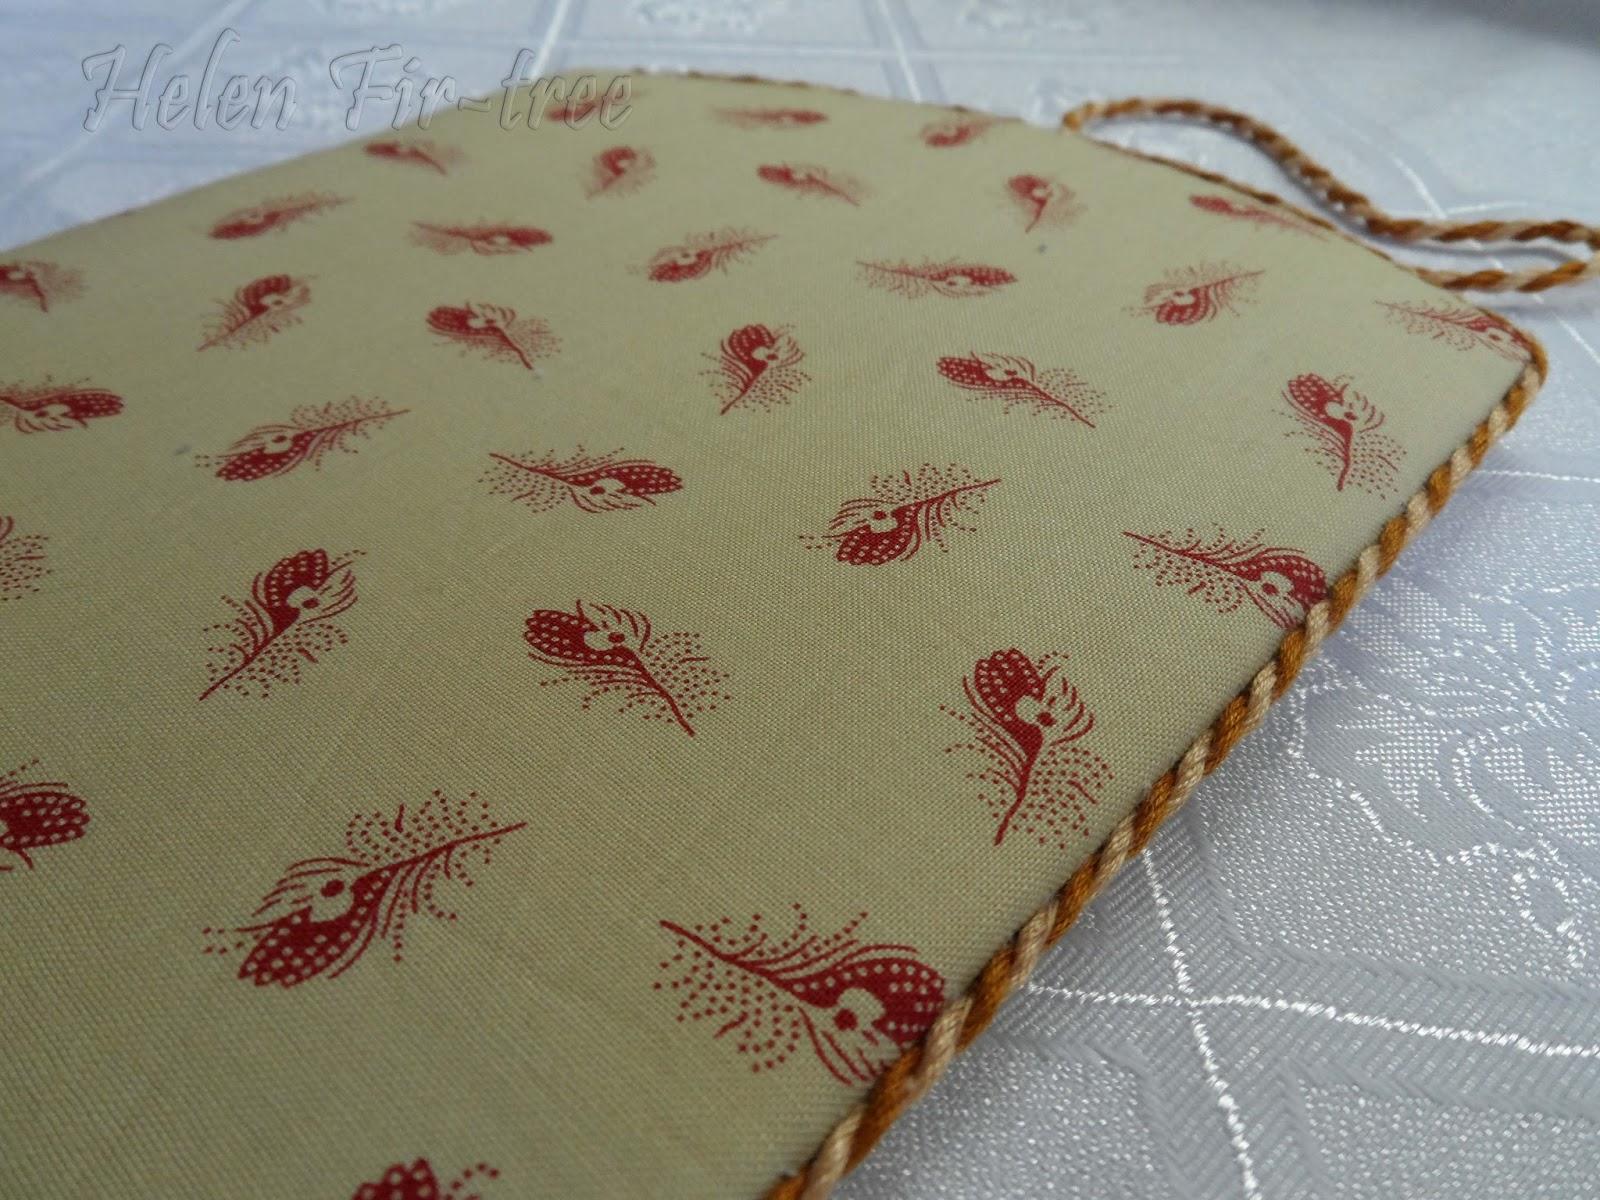 Helen Fir-tree вышивка пинкип cross stitch pinkeep